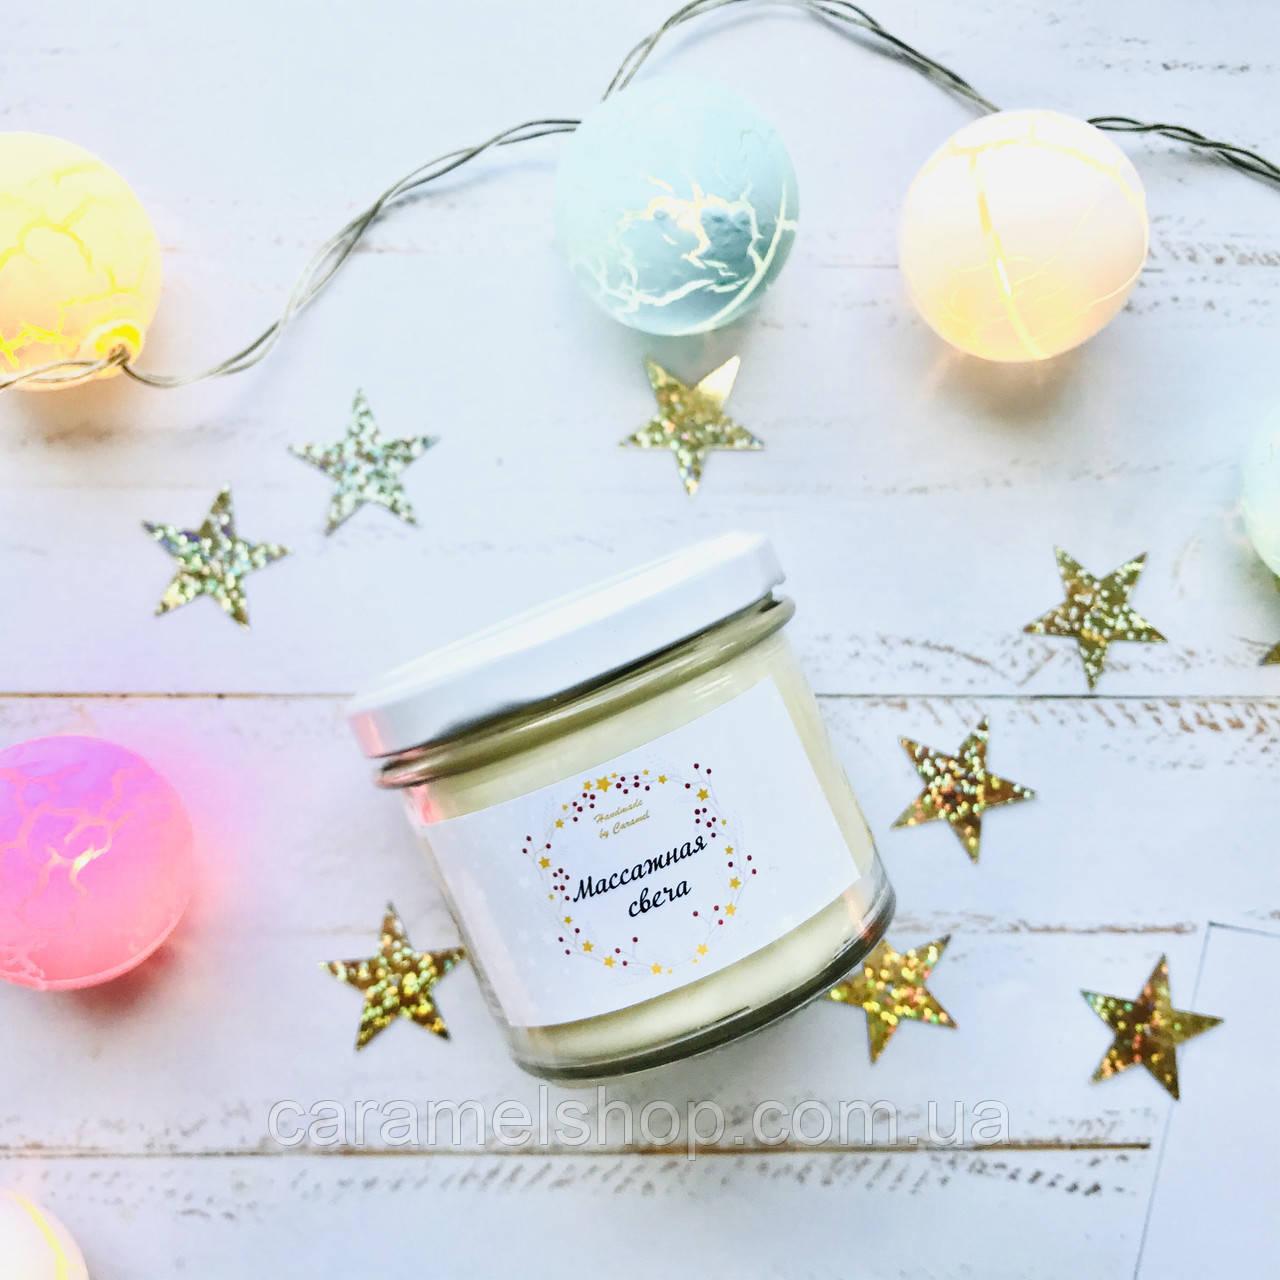 Массажная свеча соевая ароматическая ручной работы Handmade by Caramel в стеклянной банке 100 г